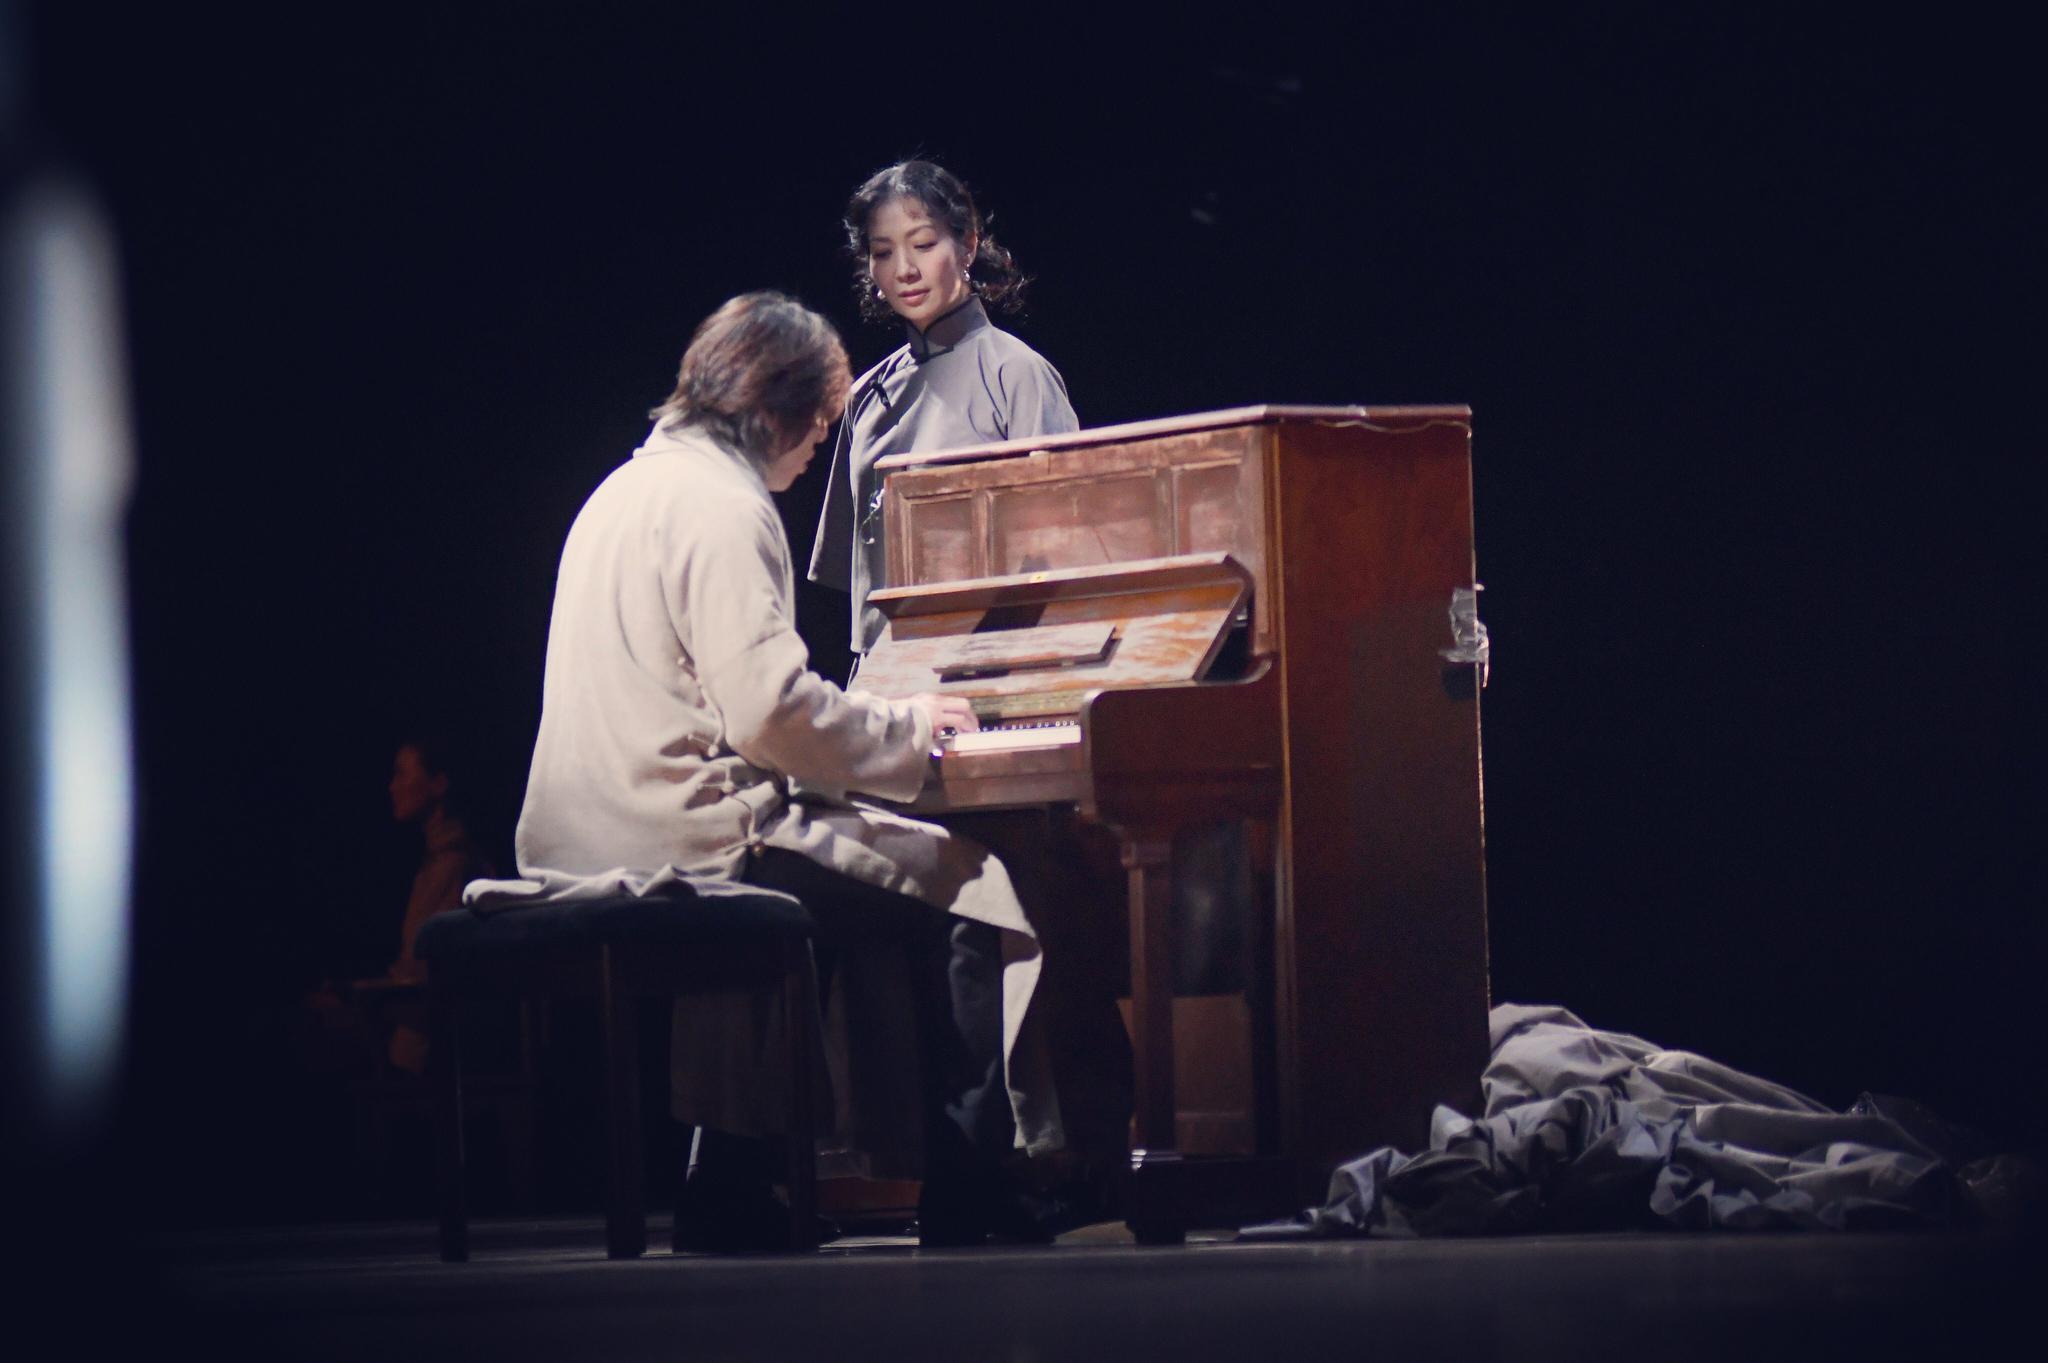 李六乙新作《二月》首演,一琴八椅打造极简诗意空间